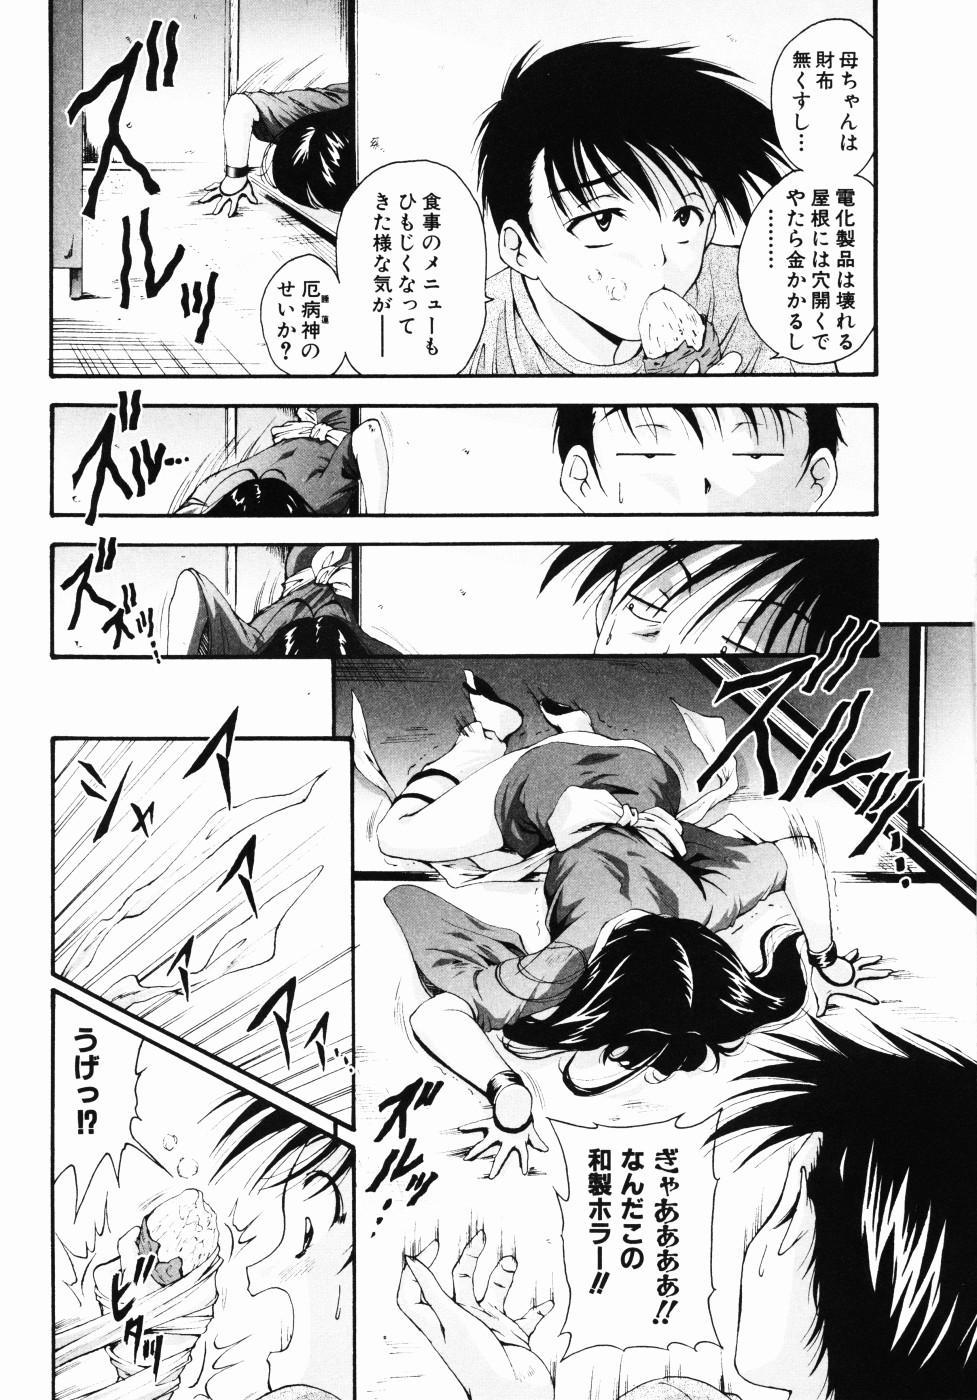 Daikyou Megami 56